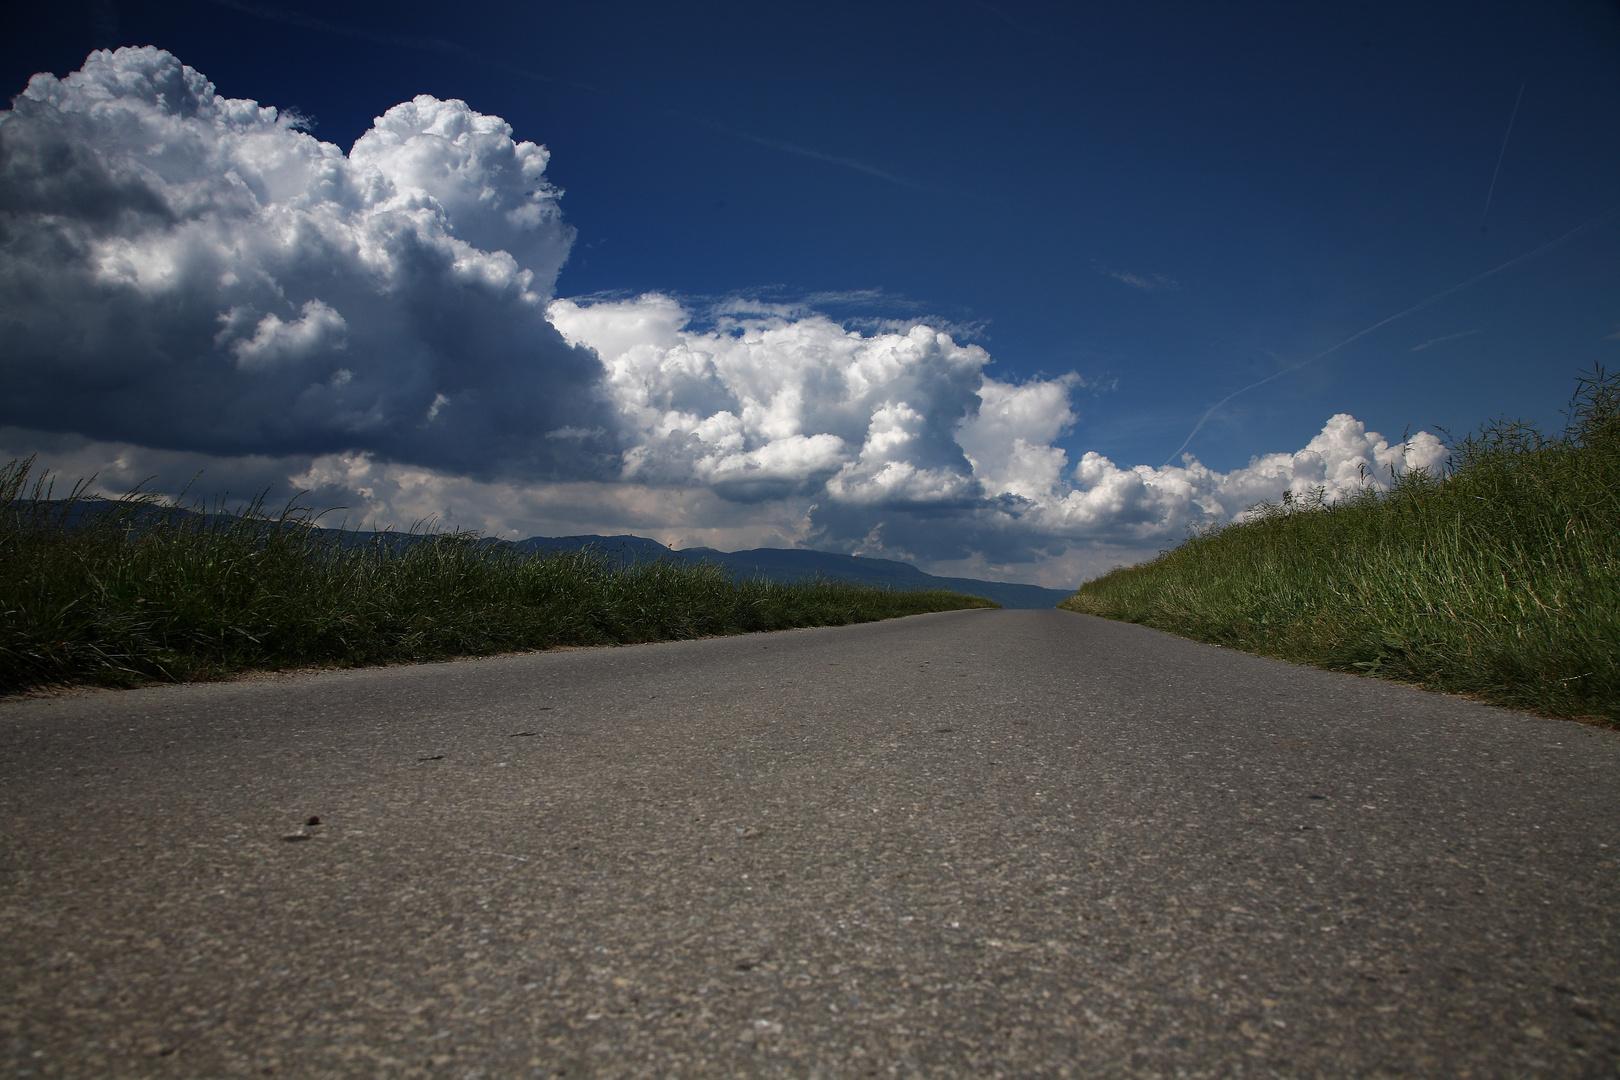 On ne sait pas trop où nous mène la route, mais ce qui est sûr, c'est que les nuages approchent.